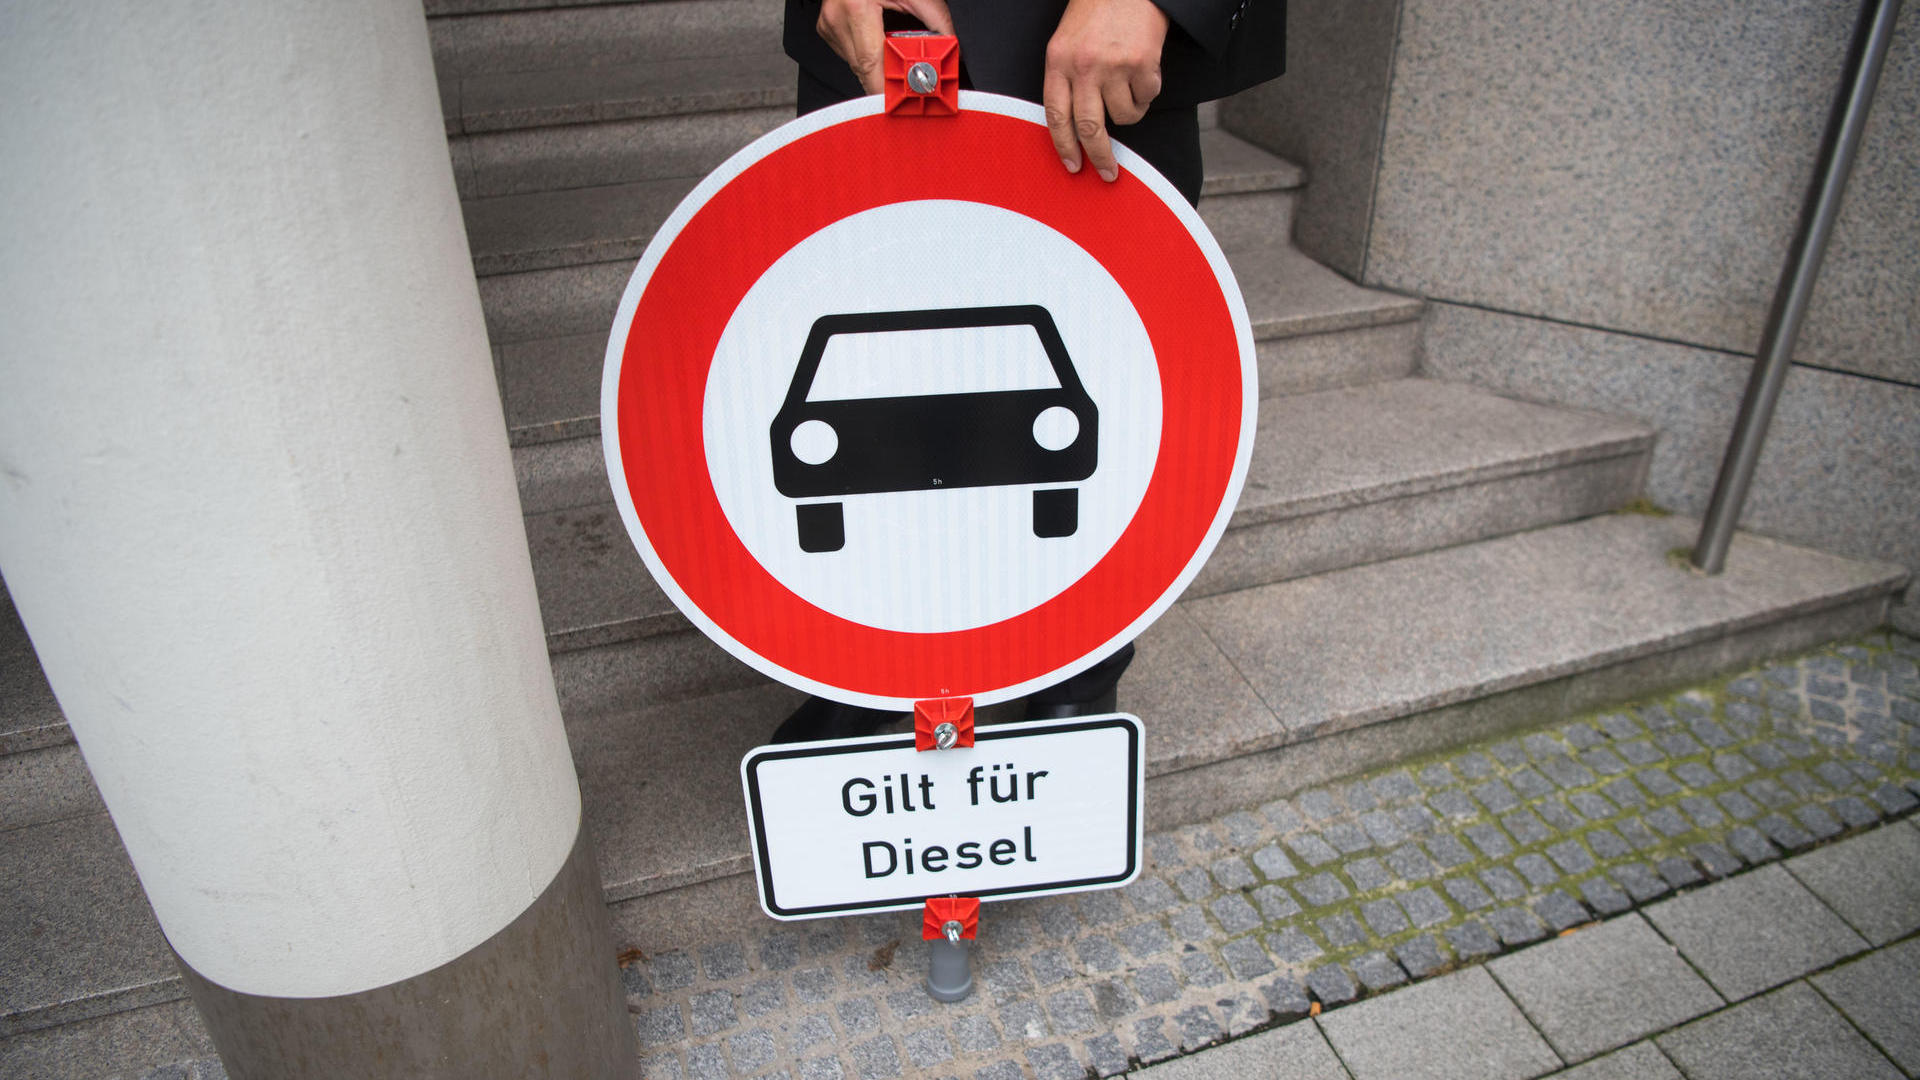 Almanya 2030 yılına kadar benzinli ve dizel arabaların satışını yasaklamayı planlıyor